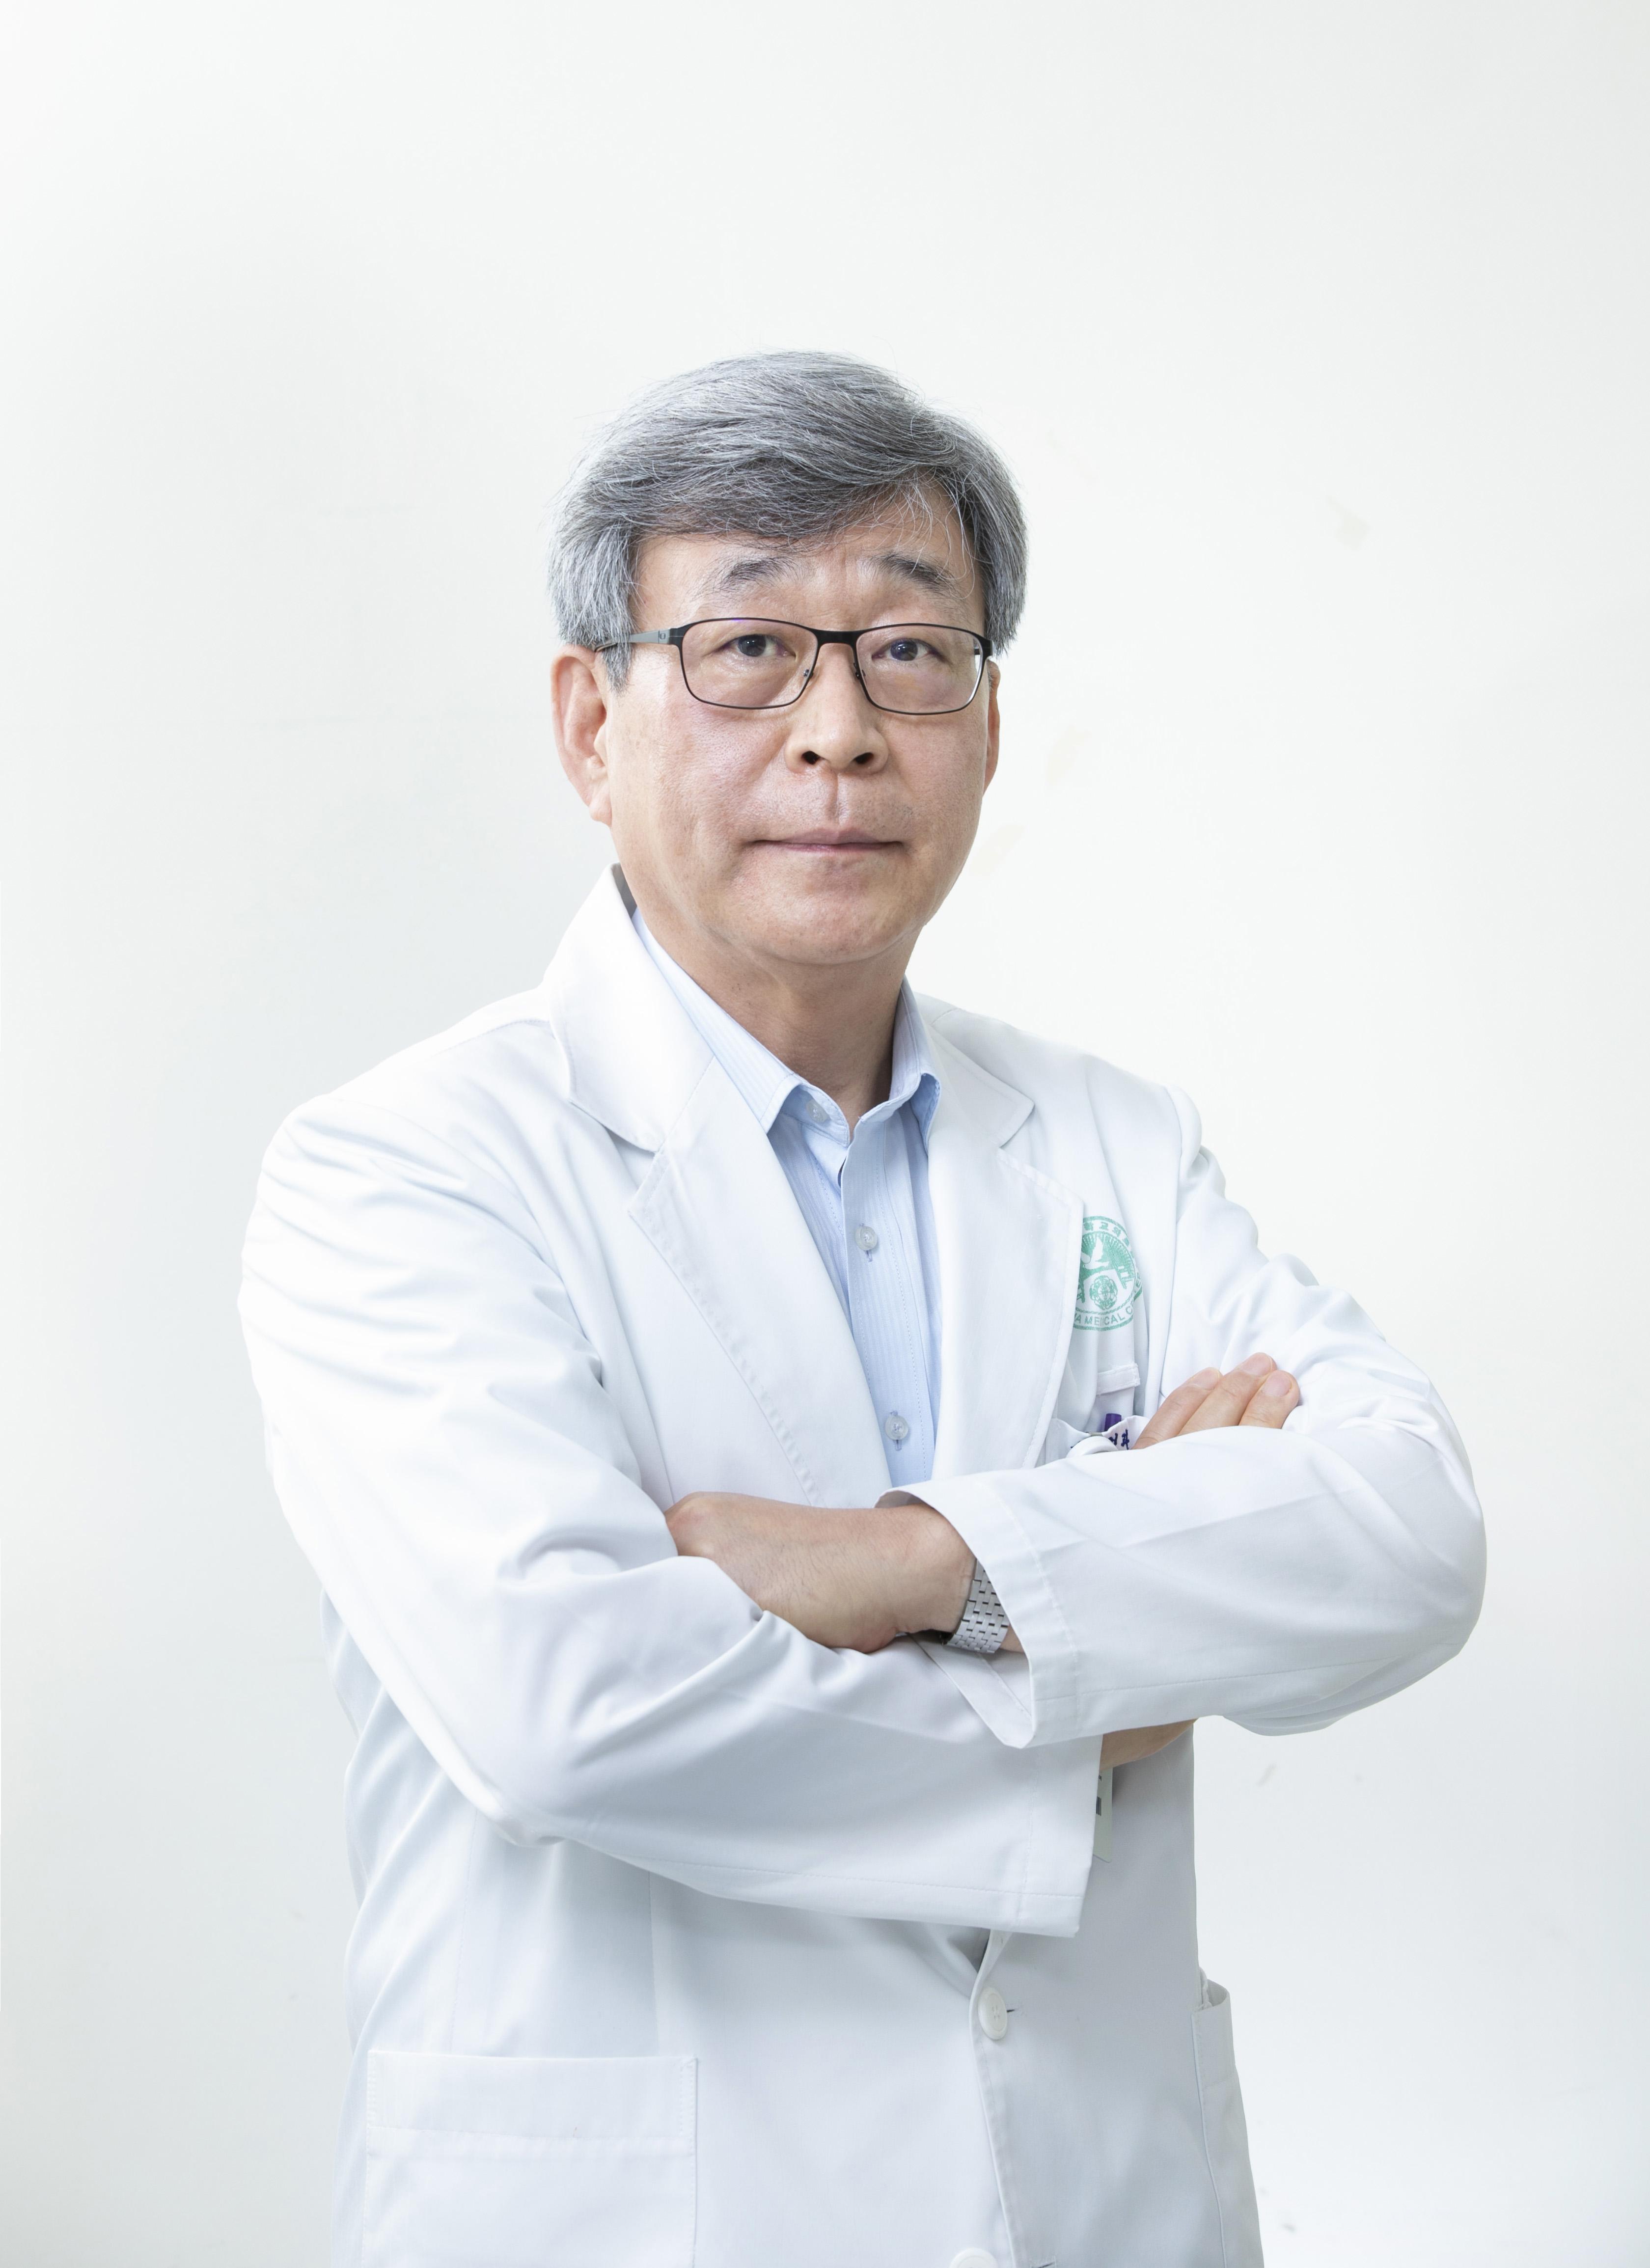 김승철 프로필 사진